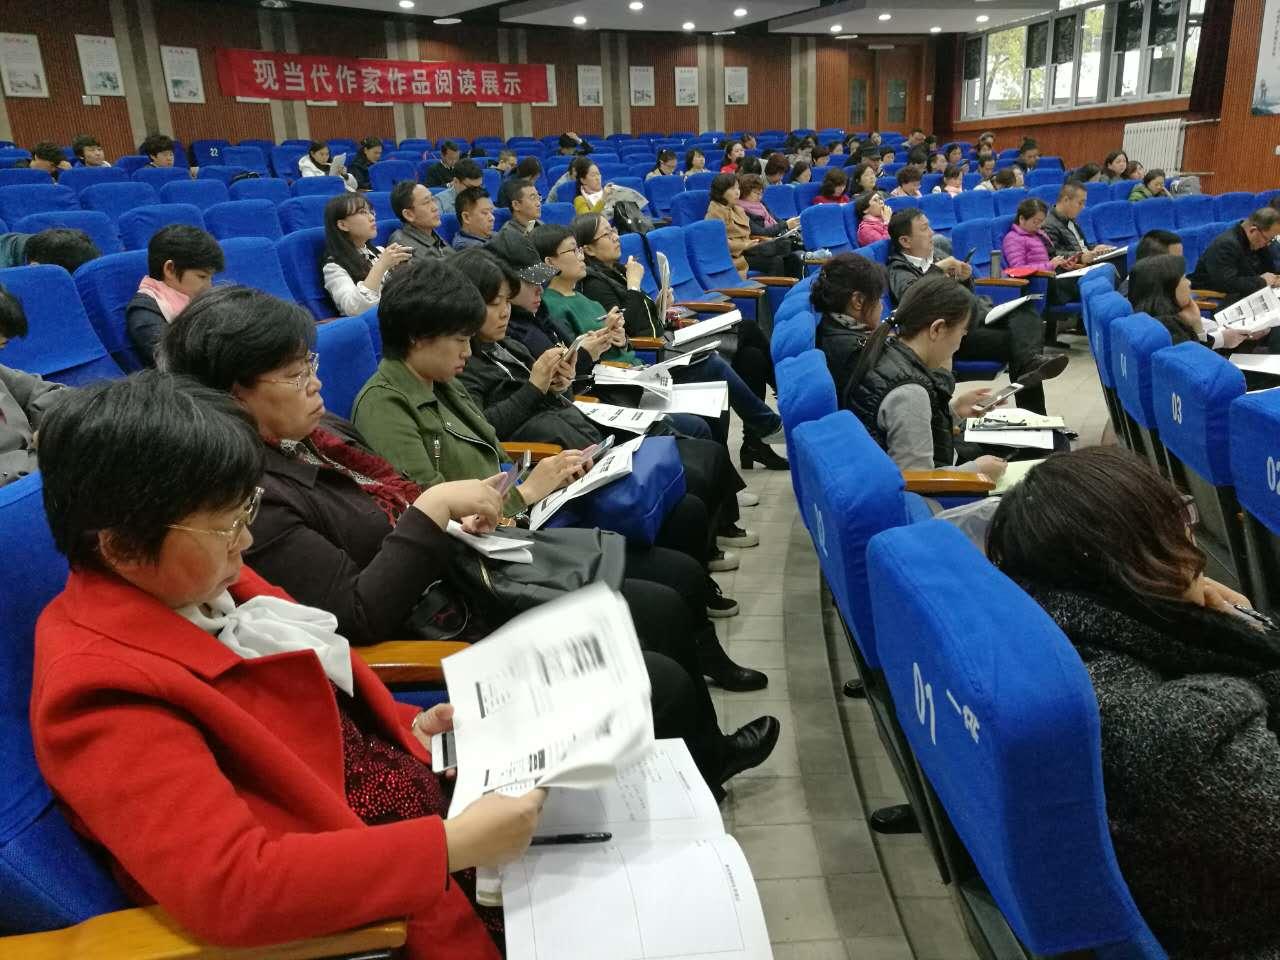 全体党员学习操作平台手机客户端.jpg